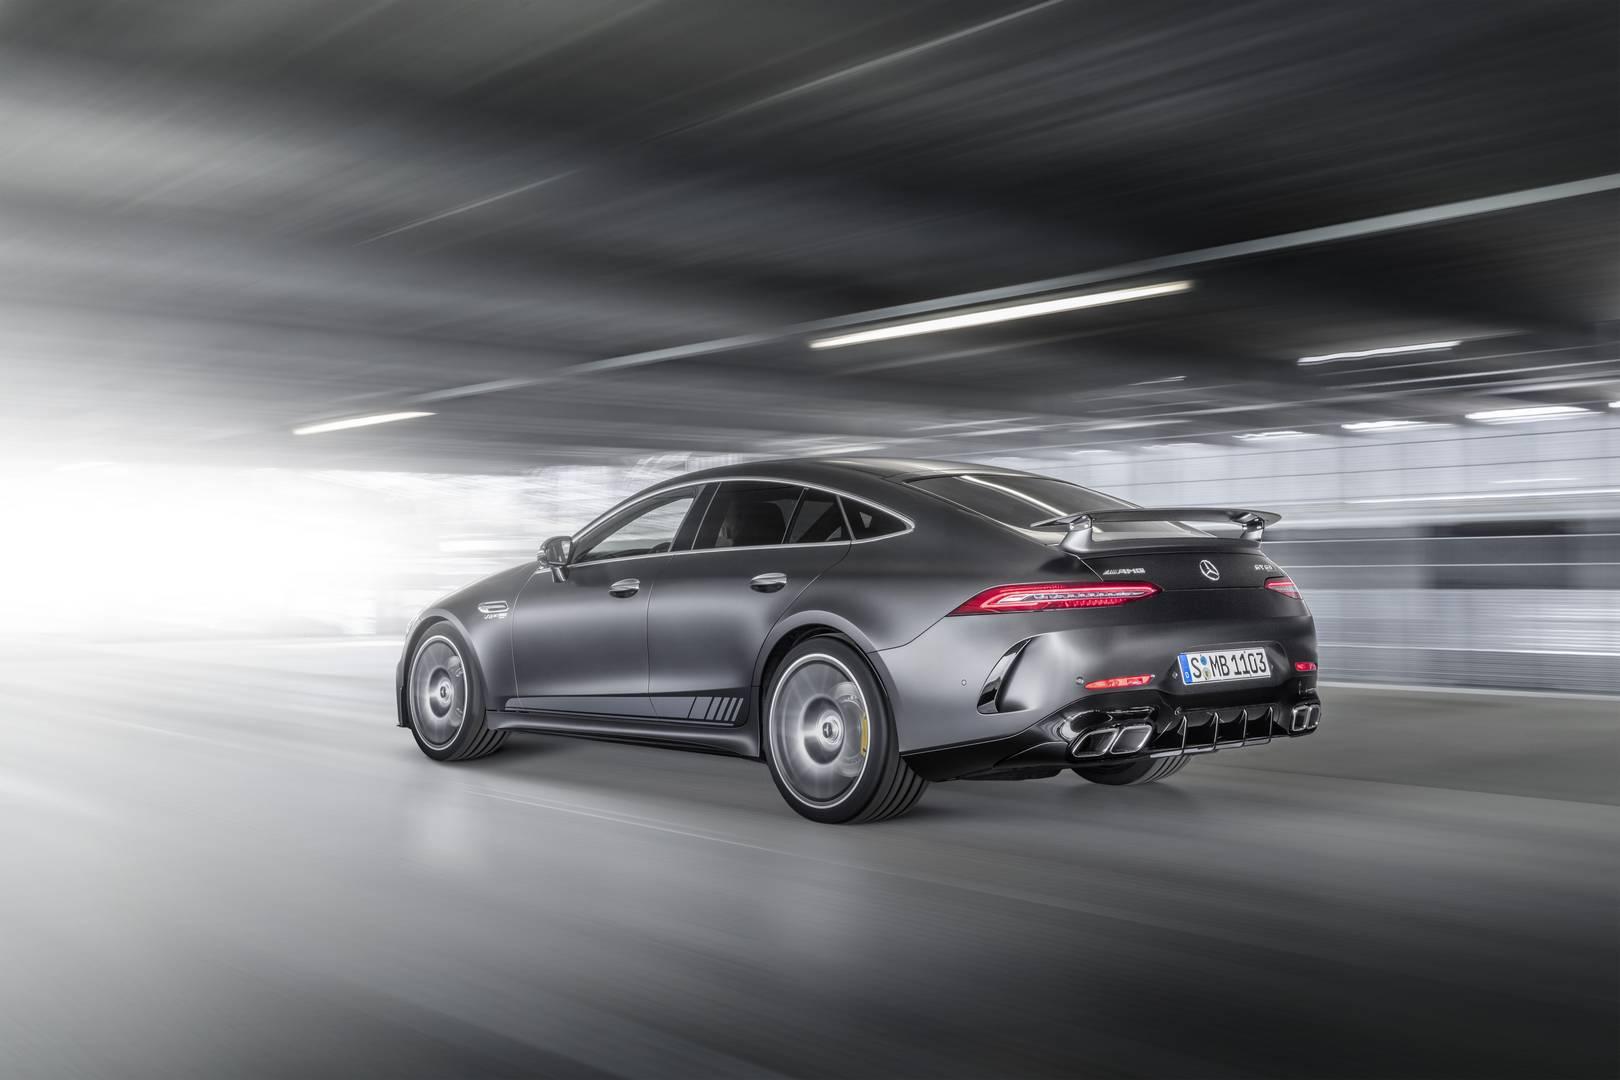 Mercedes-AMG GT 63 S Edition 1 будет доступен с сентября 2018 года по сентябрь 2019 года.